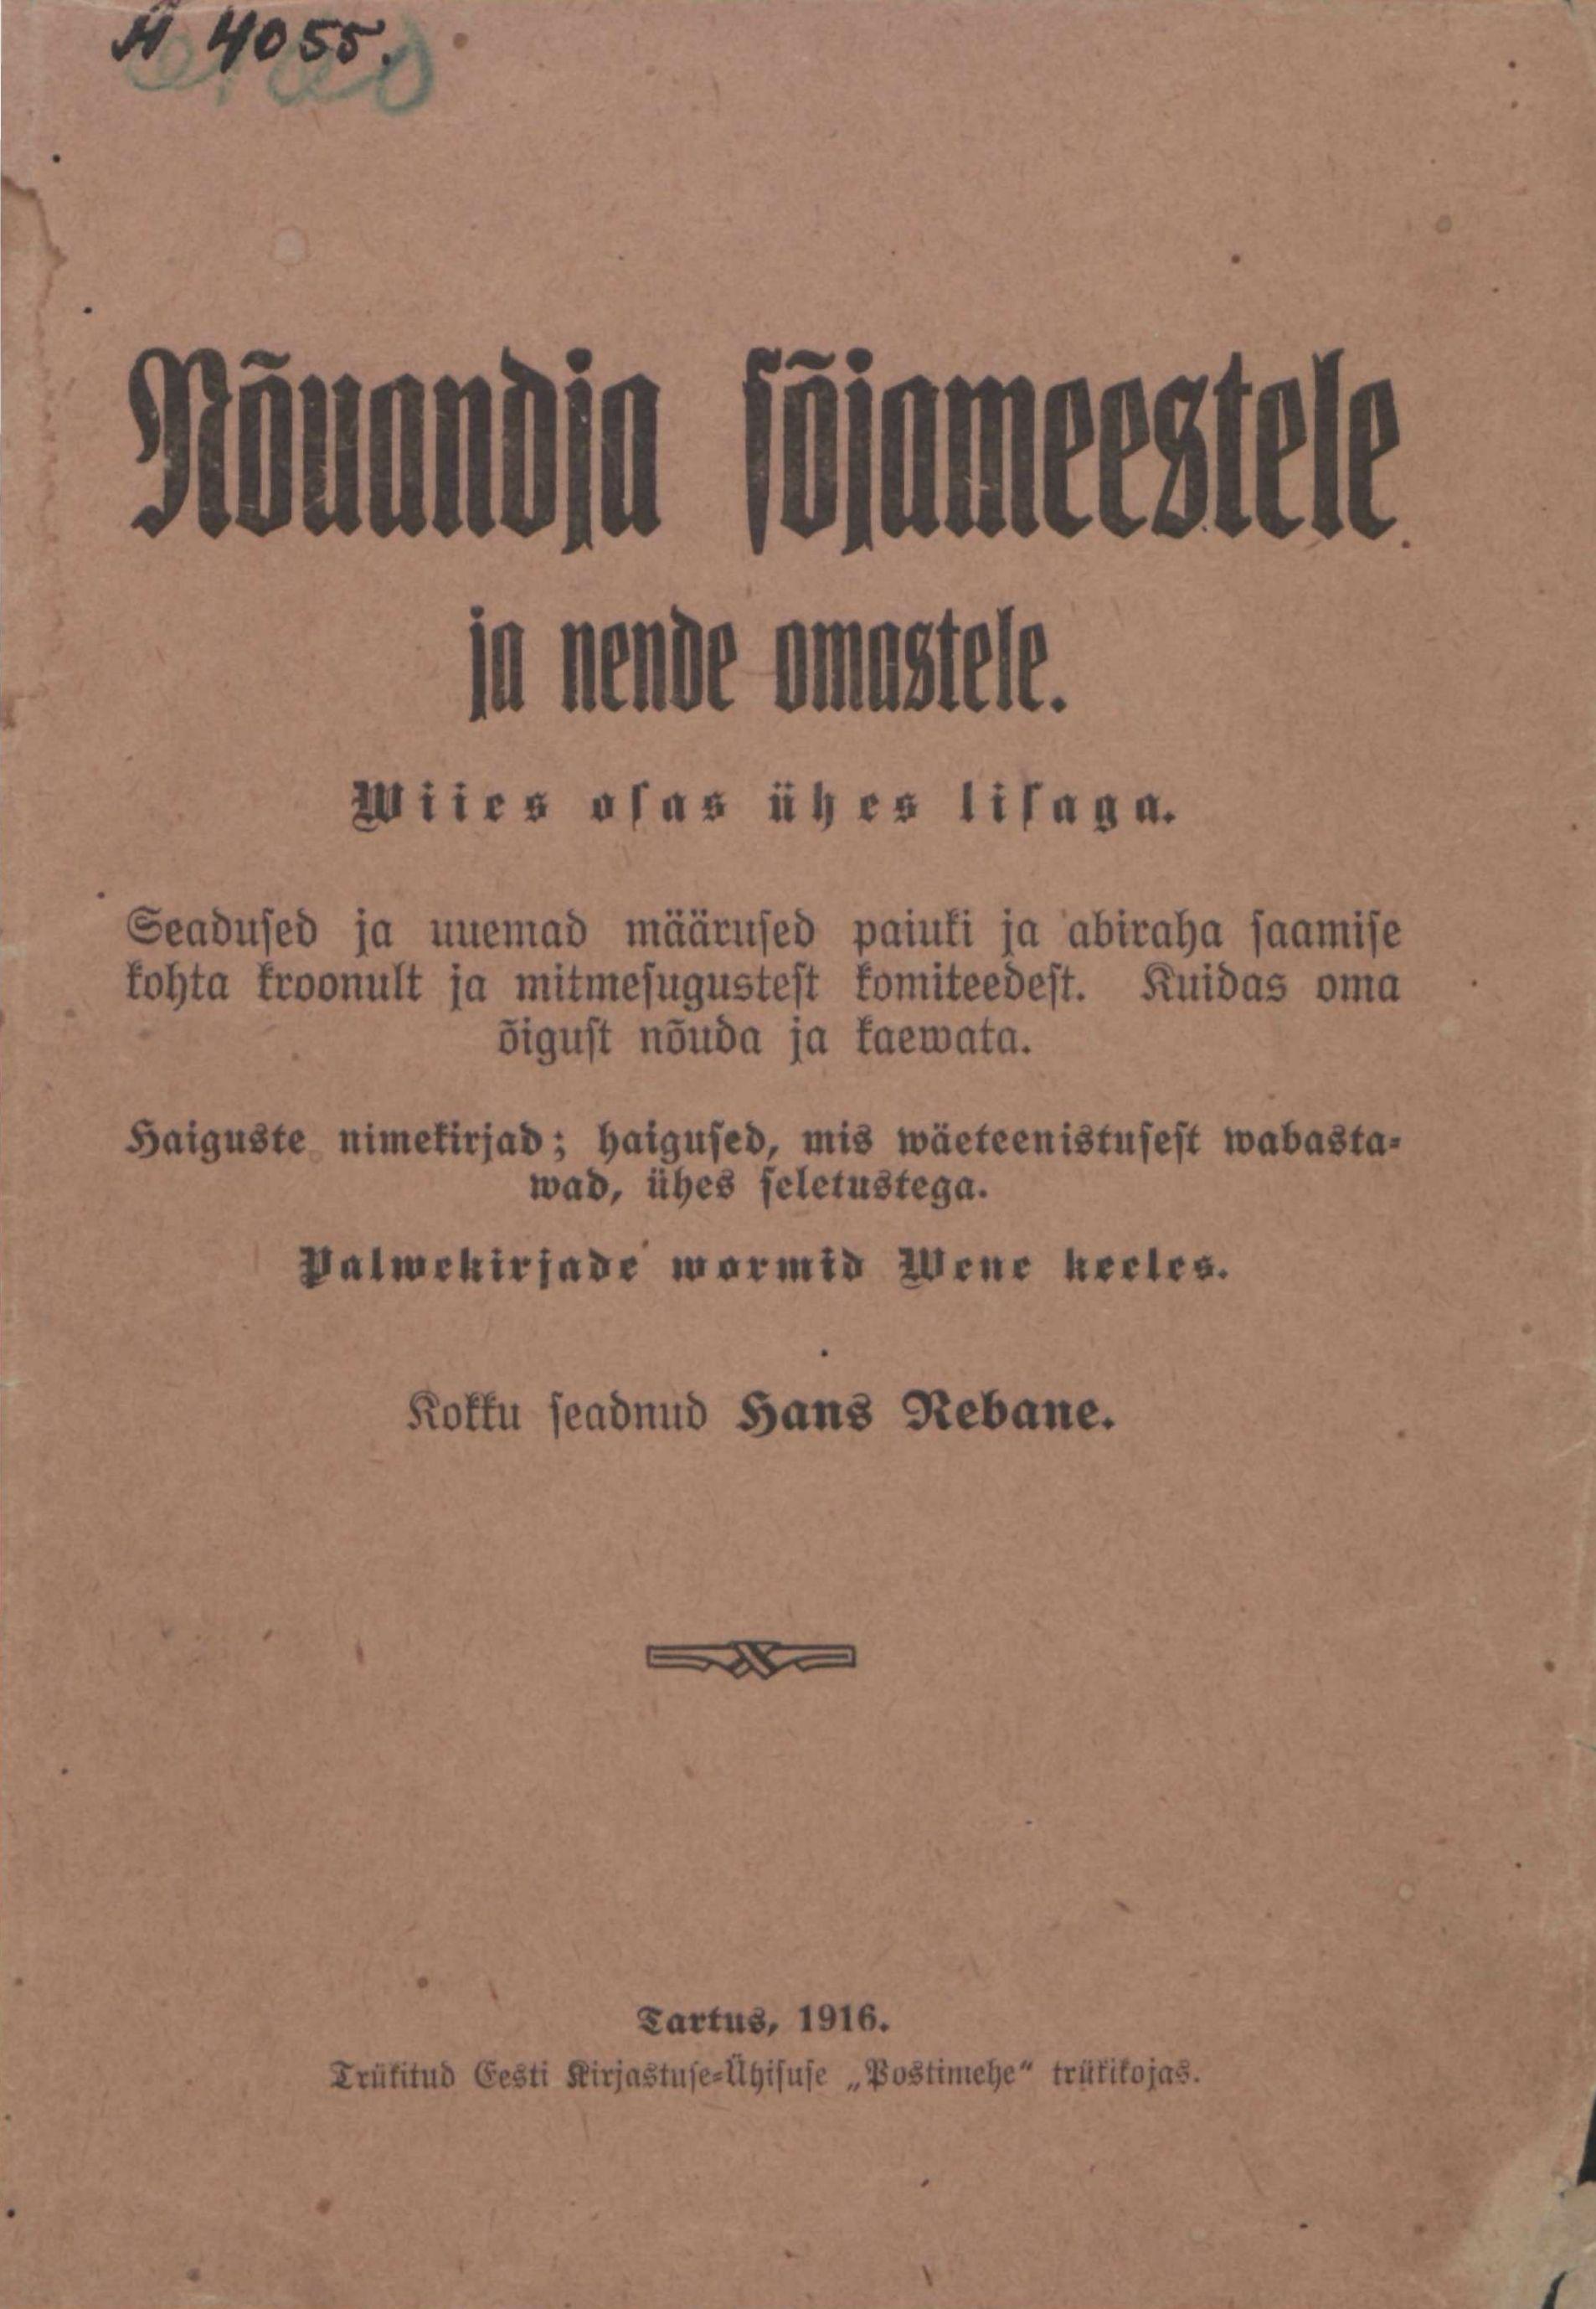 """Hans Rebase koostatud käsiraamatu """"Nõuandja sõjameestele ja nende omastele"""" tiitelleht."""